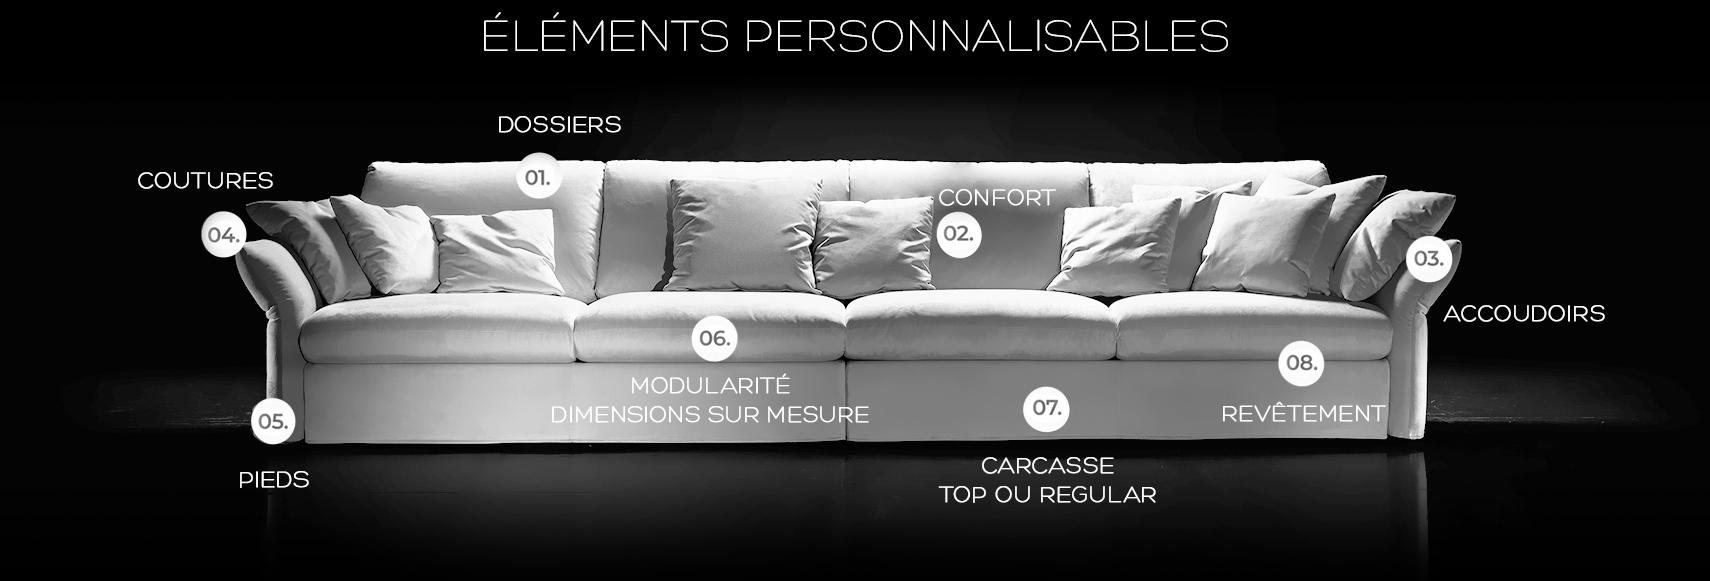 Canapé personnalisable : les éléments et les options